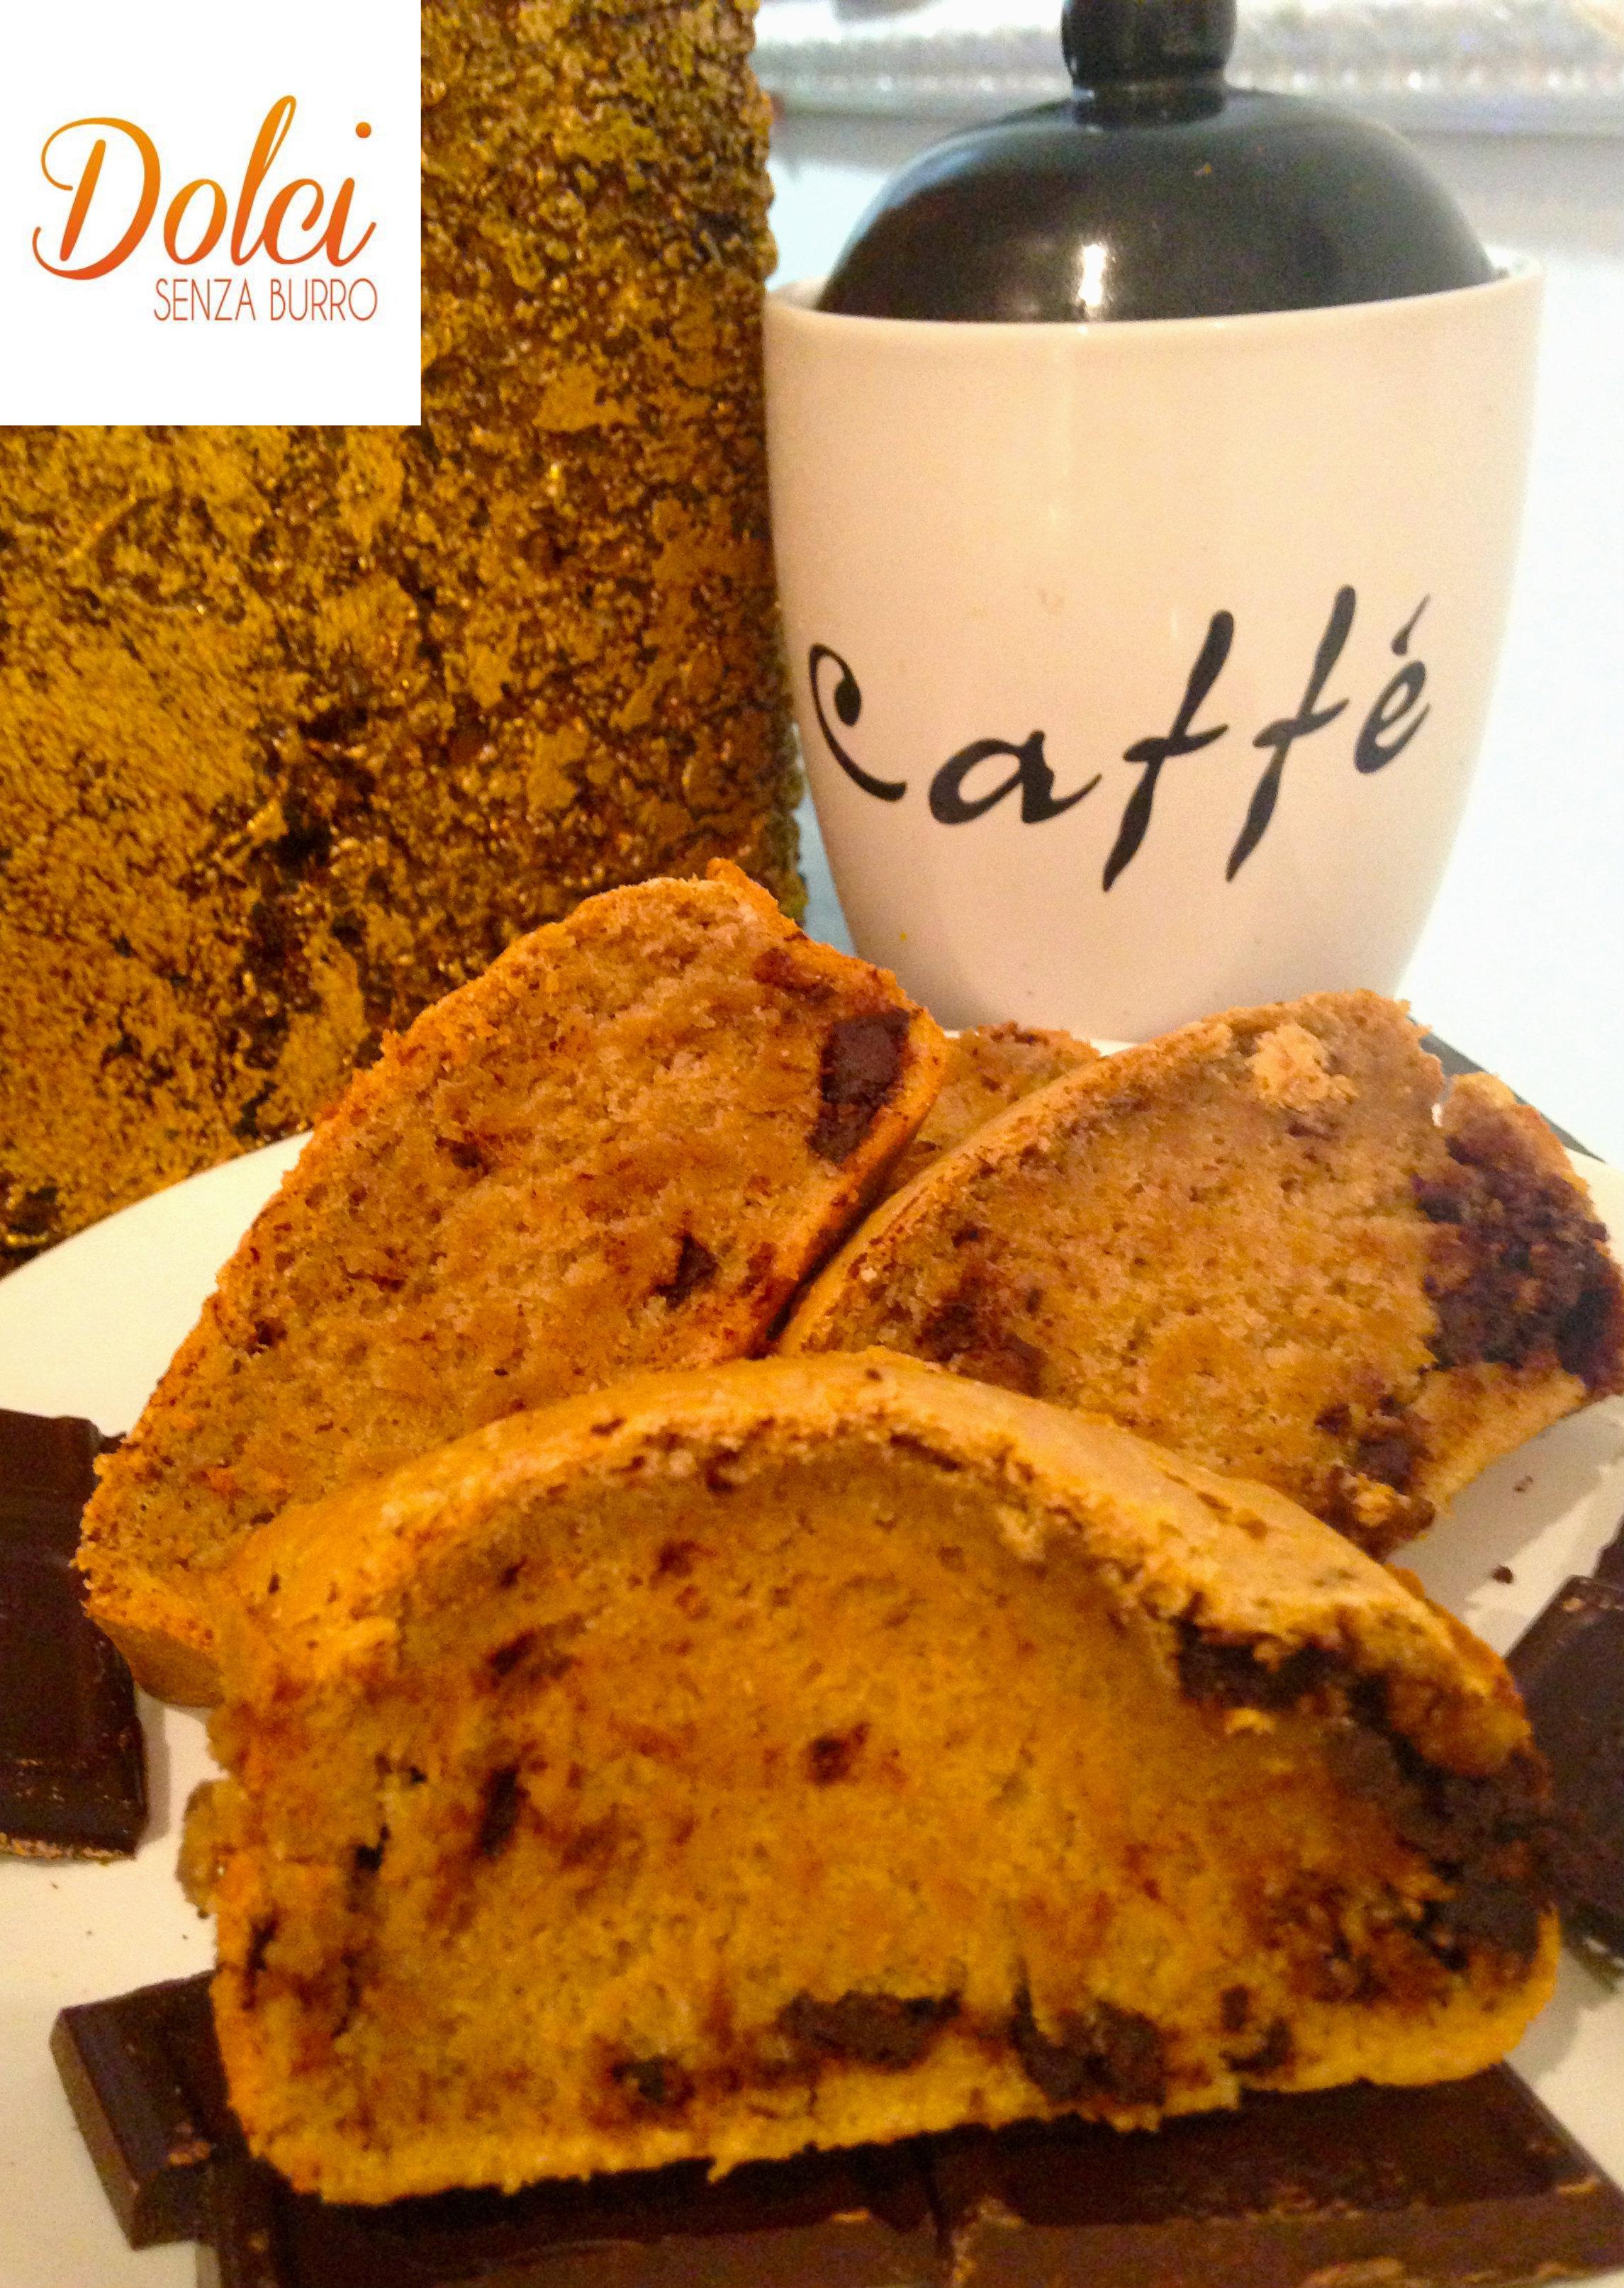 Plumcake Senza Burro al Caffè, un dolce senza lattosio e uova di Dolci Senza Burro